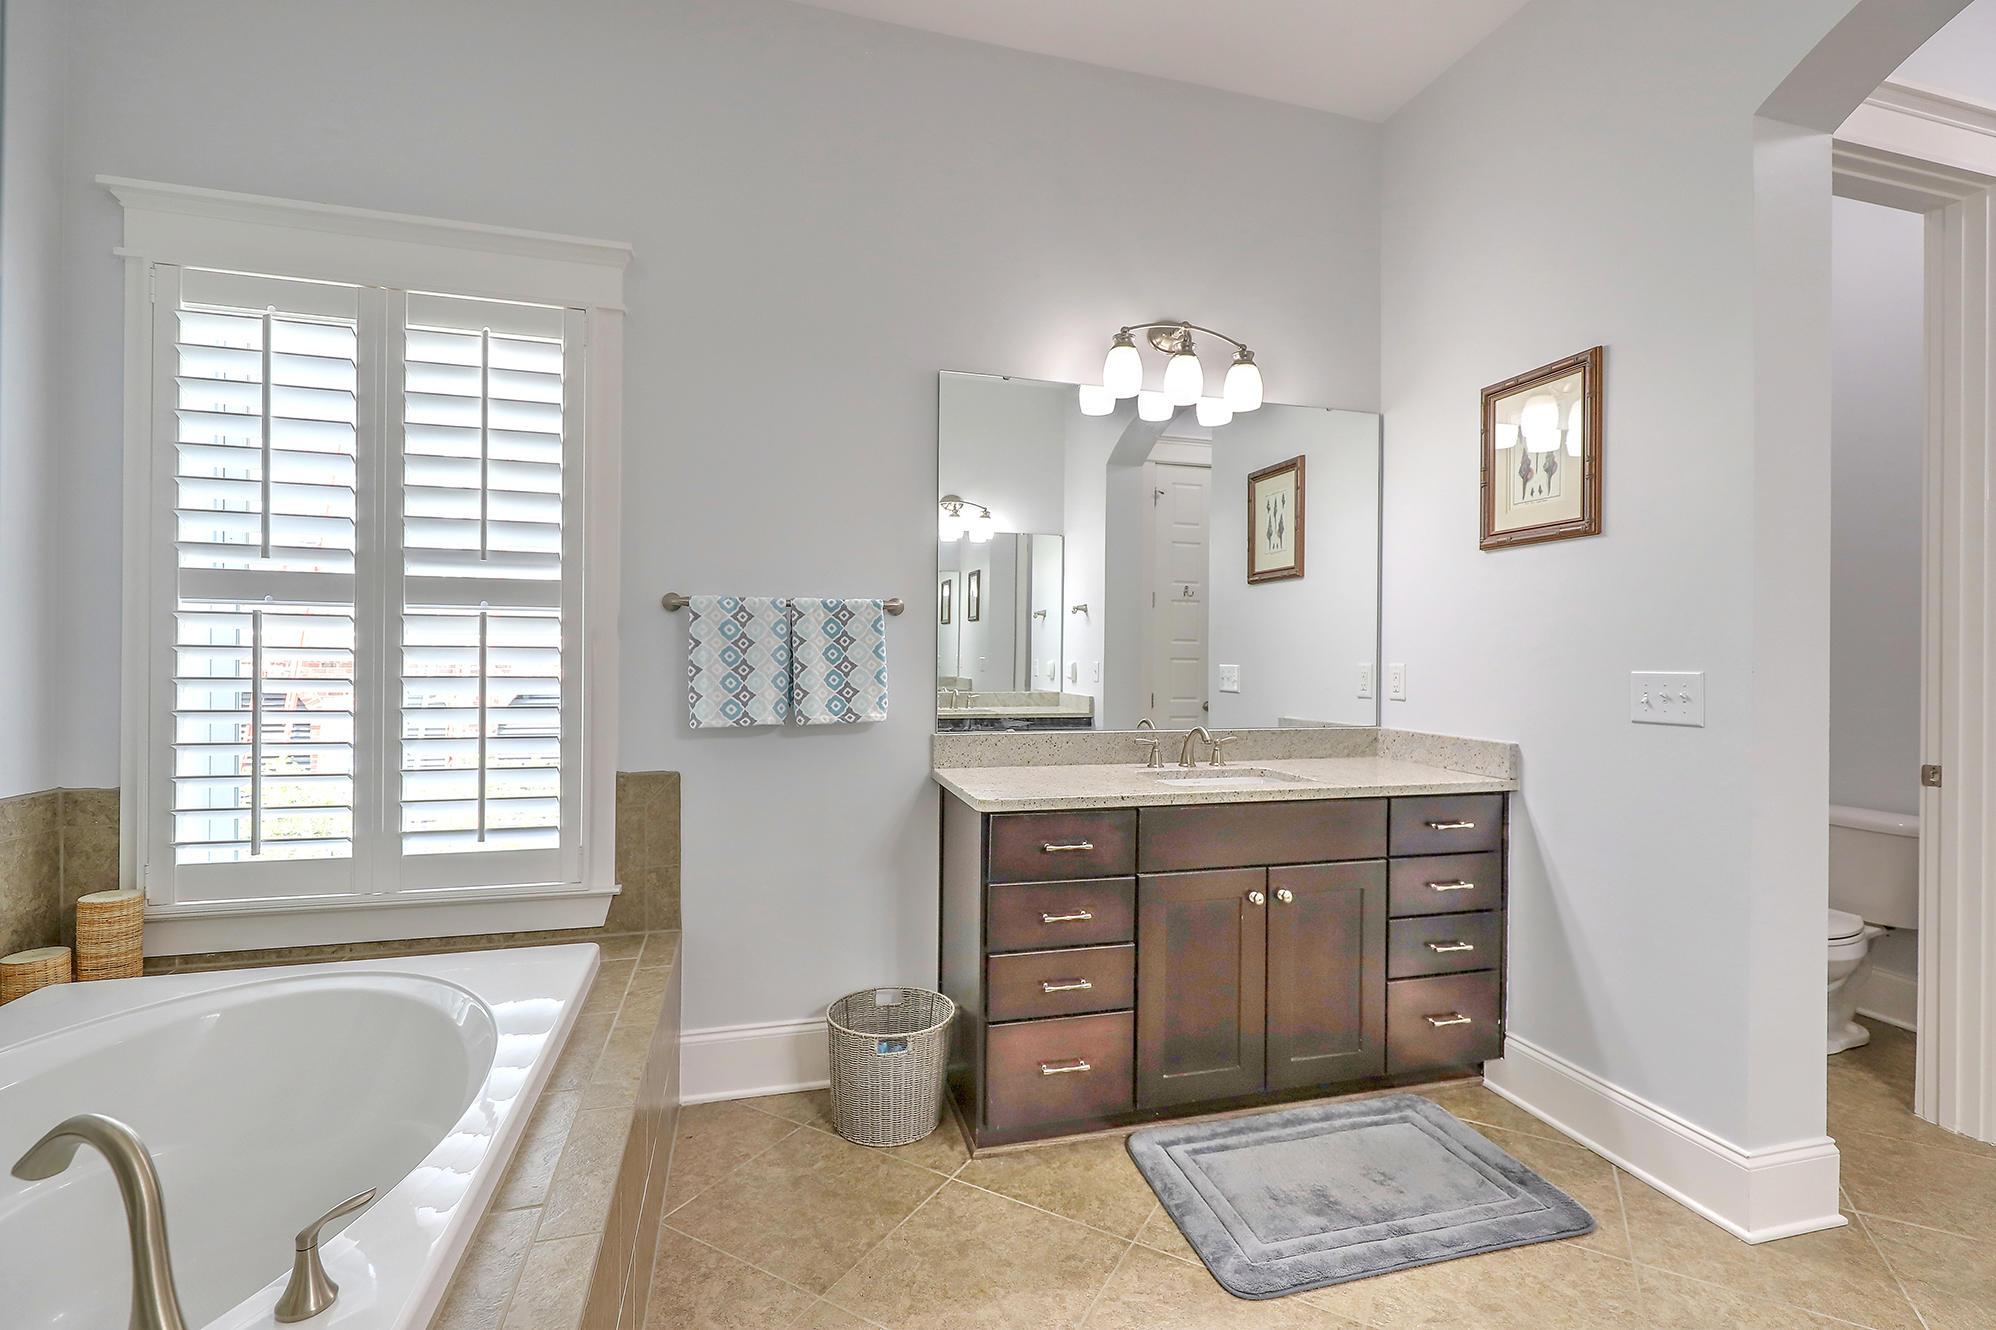 Park West Homes For Sale - 1516 Capel, Mount Pleasant, SC - 17